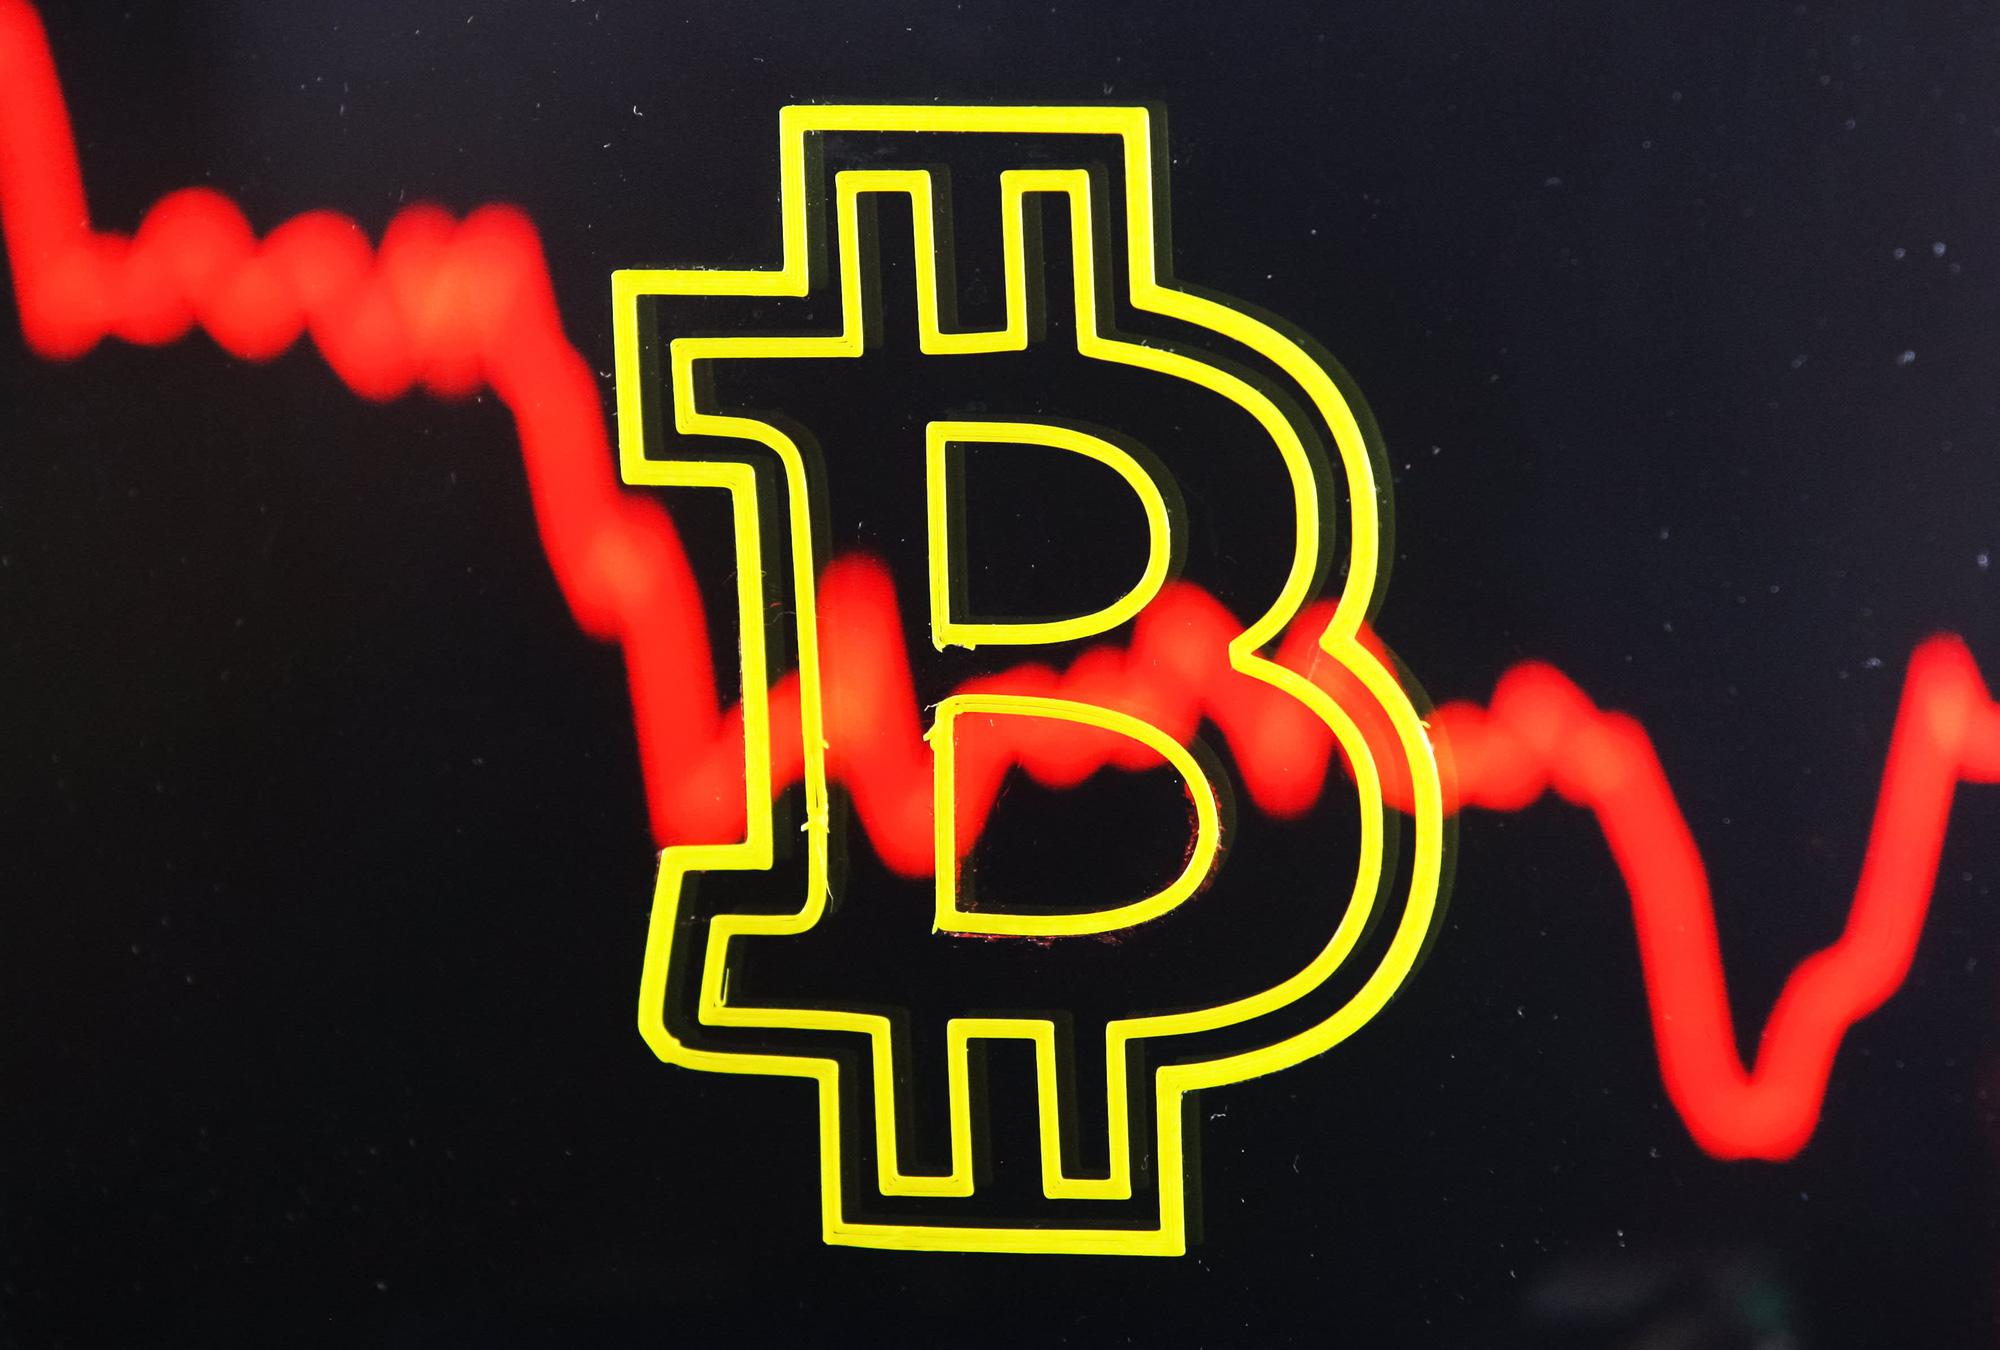 """Thị trường đào tiền mã hóa tại Trung Quốc tiếp tục bị """"bóp chặt"""", khi chính quyền tiếp tục thực thi các chiến dịch truy quét các cơ sở đào tiền mã hóa, đặc biệt là bitcoin có ở tại quốc gia này. Ảnh: @AFP."""